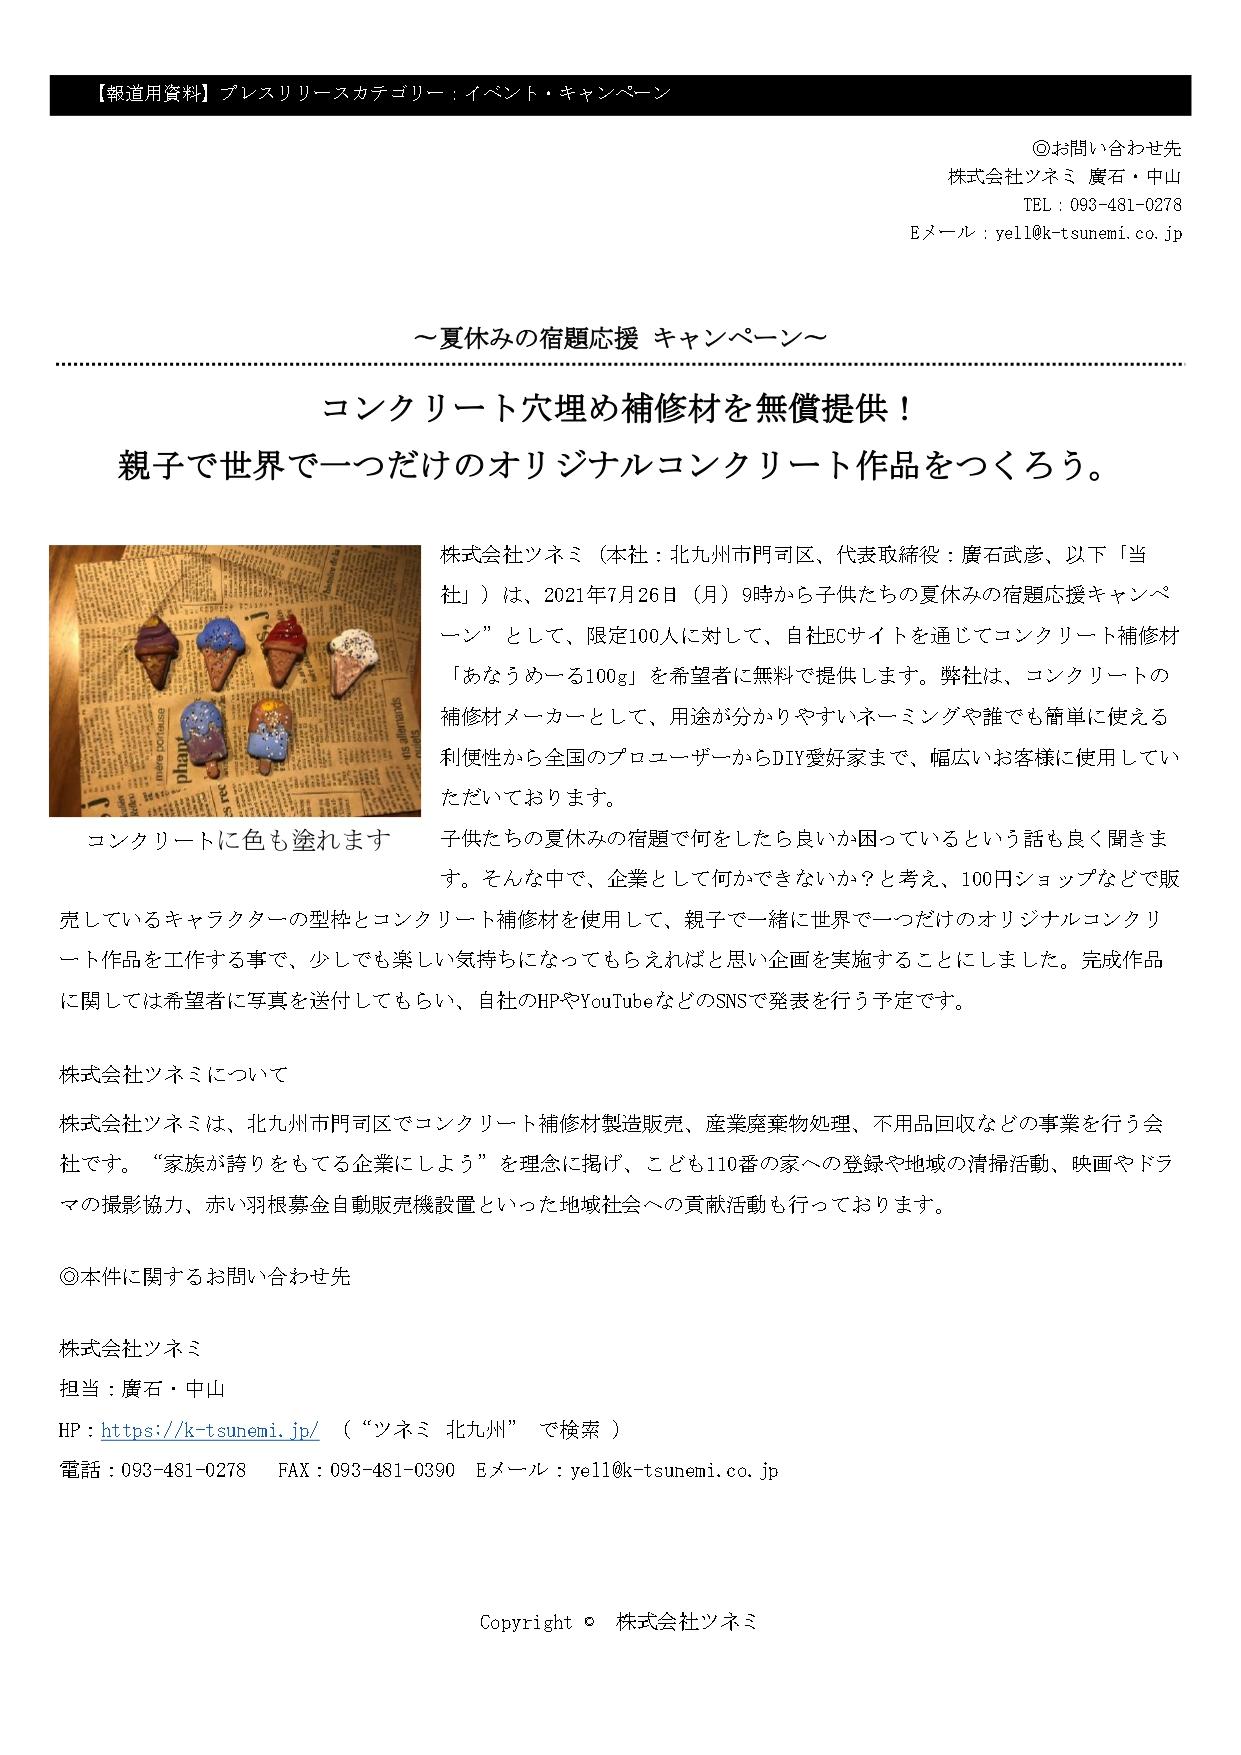 プレスリリース-夏休みの宿題応援キャンペーン2021年7月